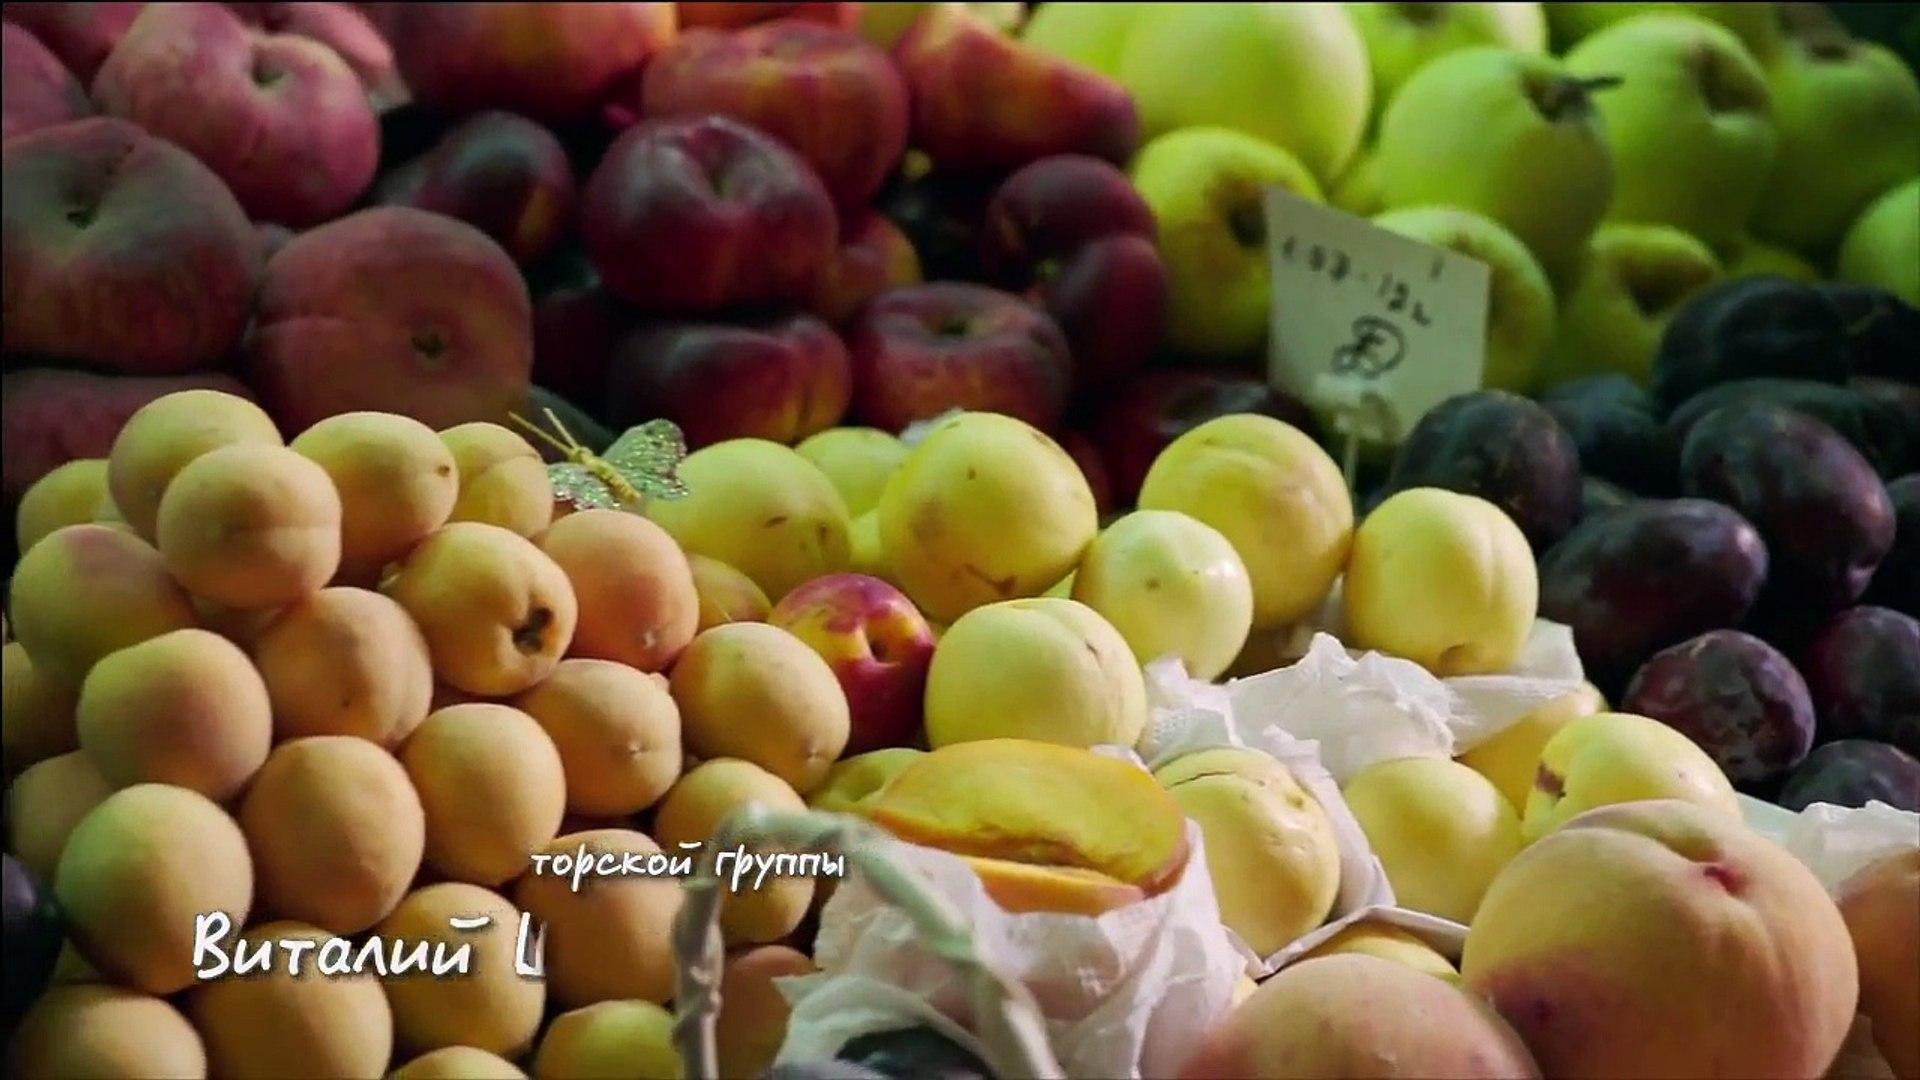 Tập 17 Kitchen - Nhà Bếp (hài Nga) (Кухня (телесериал)) 2012 HD-VietSub